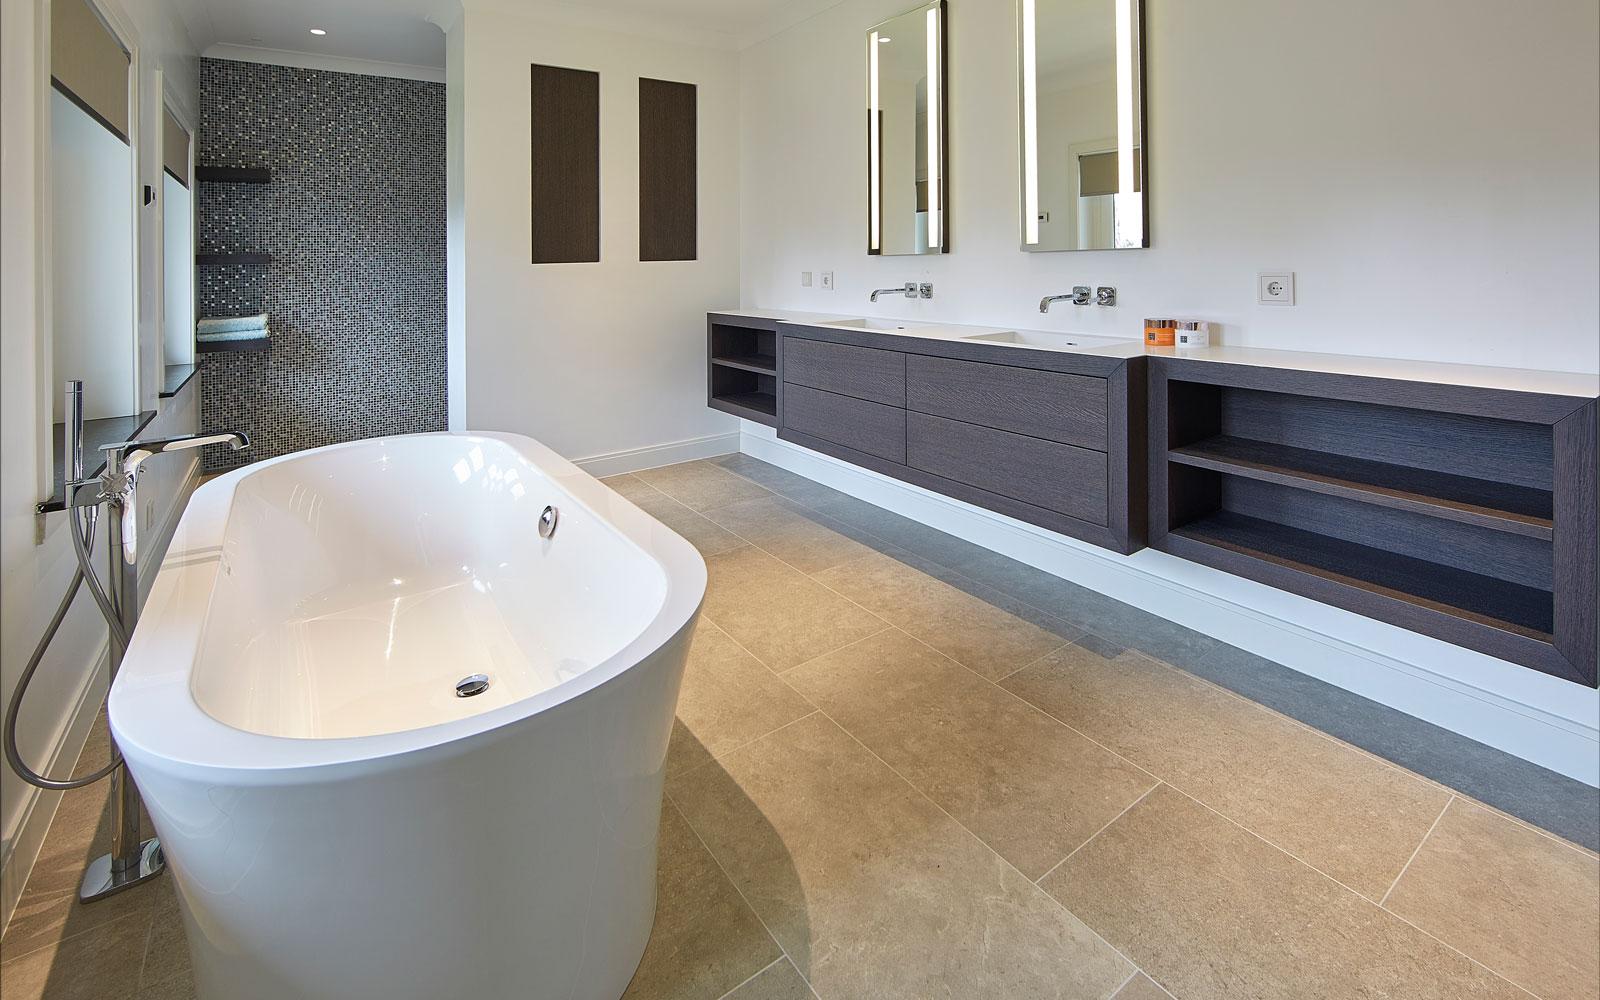 Badkamer, vrijstaand bad, wastafel, Van Heugten Baddesign, inloopdouche, jaren 30 villa, Marco Daverveld